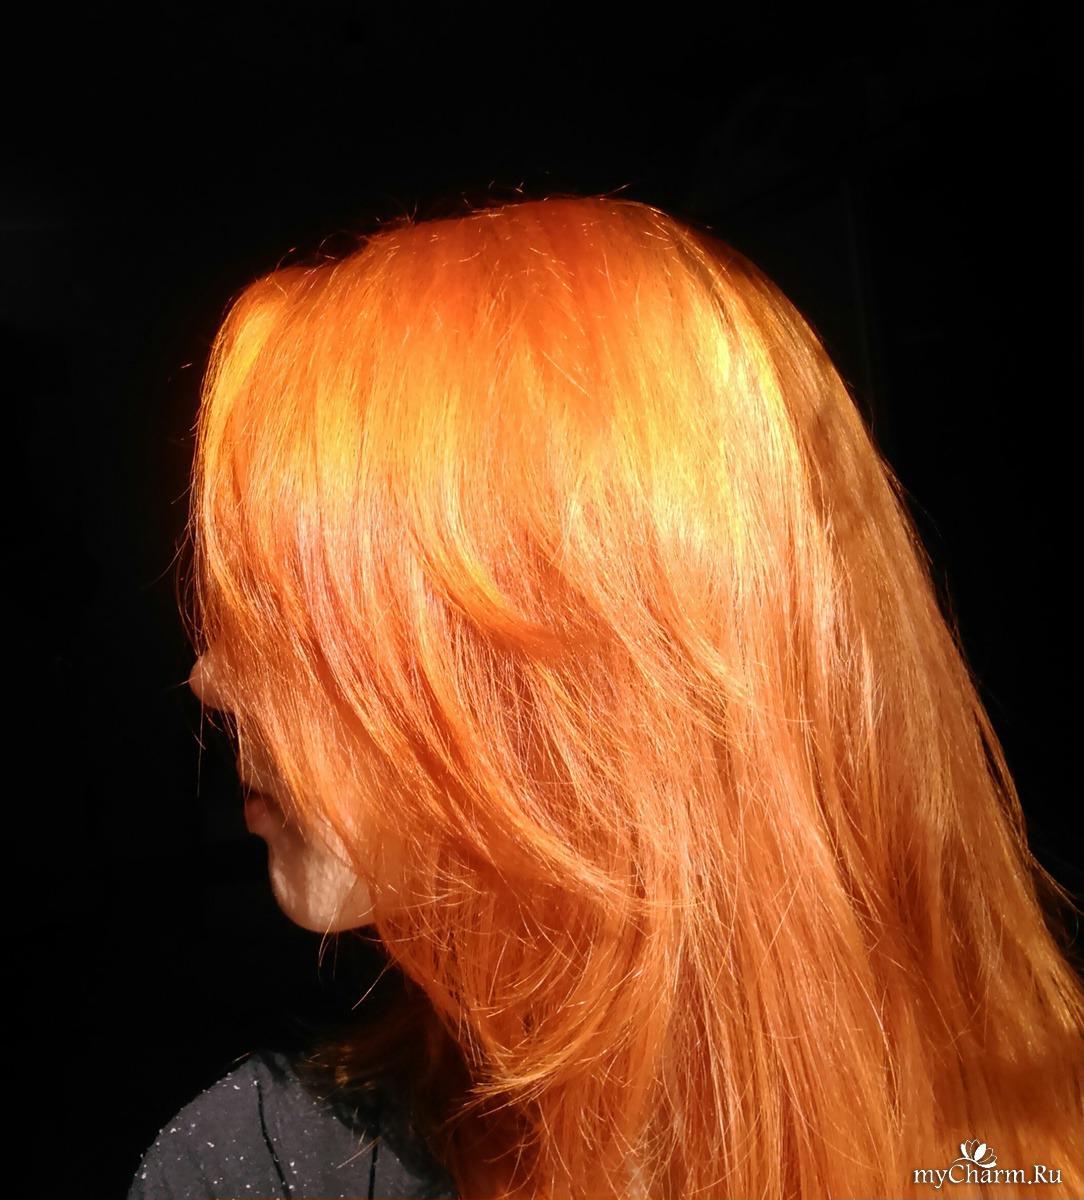 Кокосовое масло для волос на влажные волосы или сухие волосы